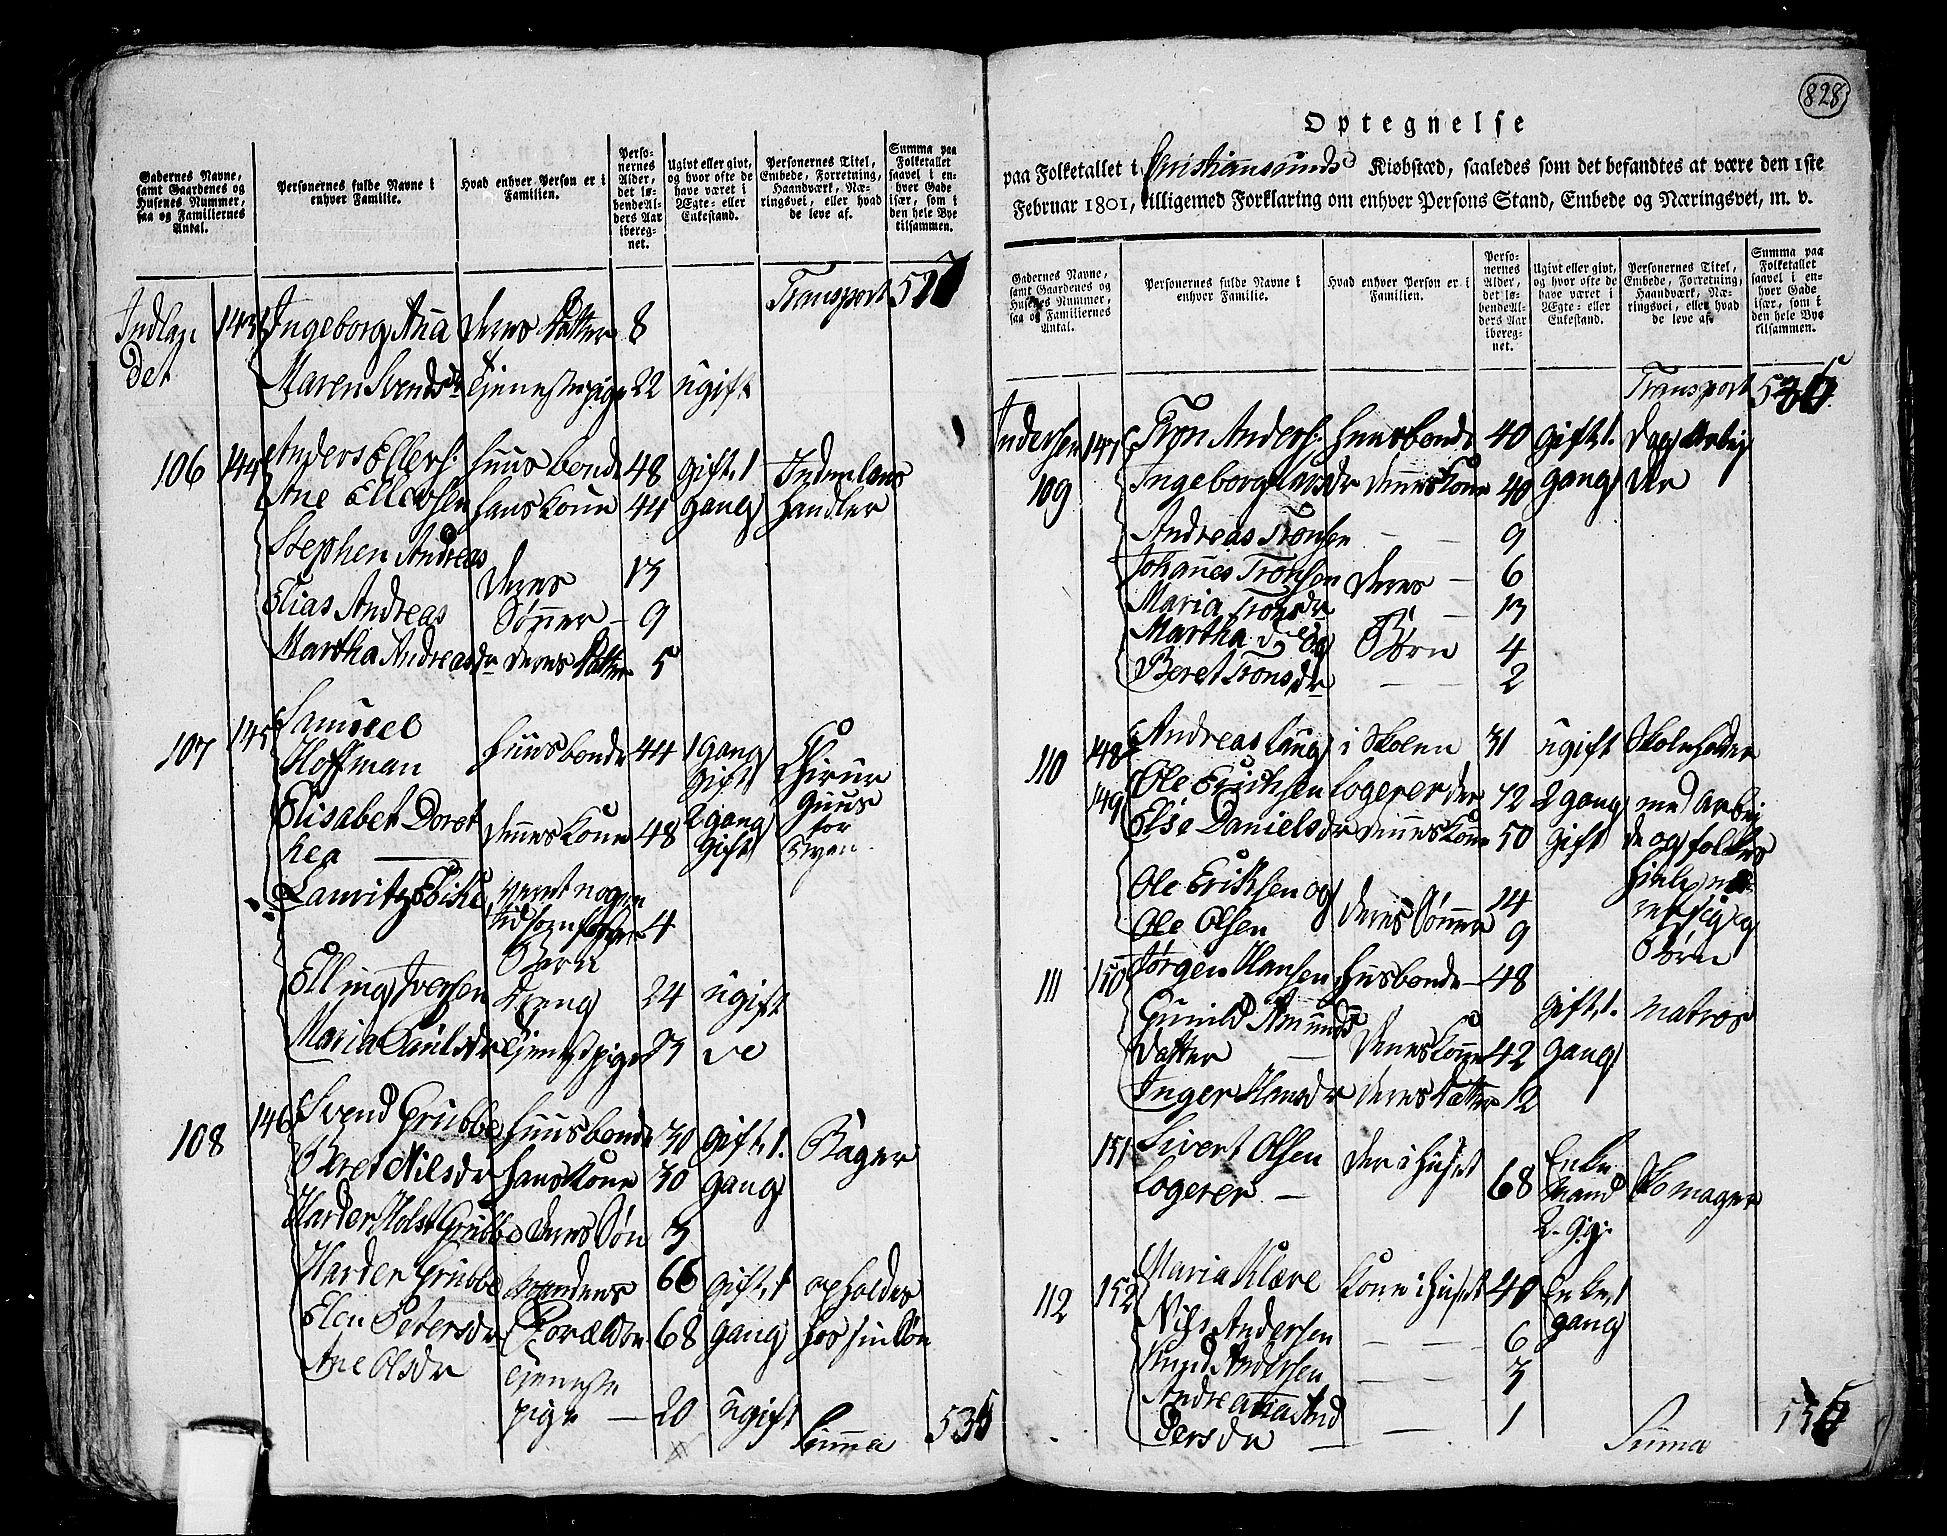 RA, Folketelling 1801 for 1553P Kvernes prestegjeld, 1801, s. 827b-828a